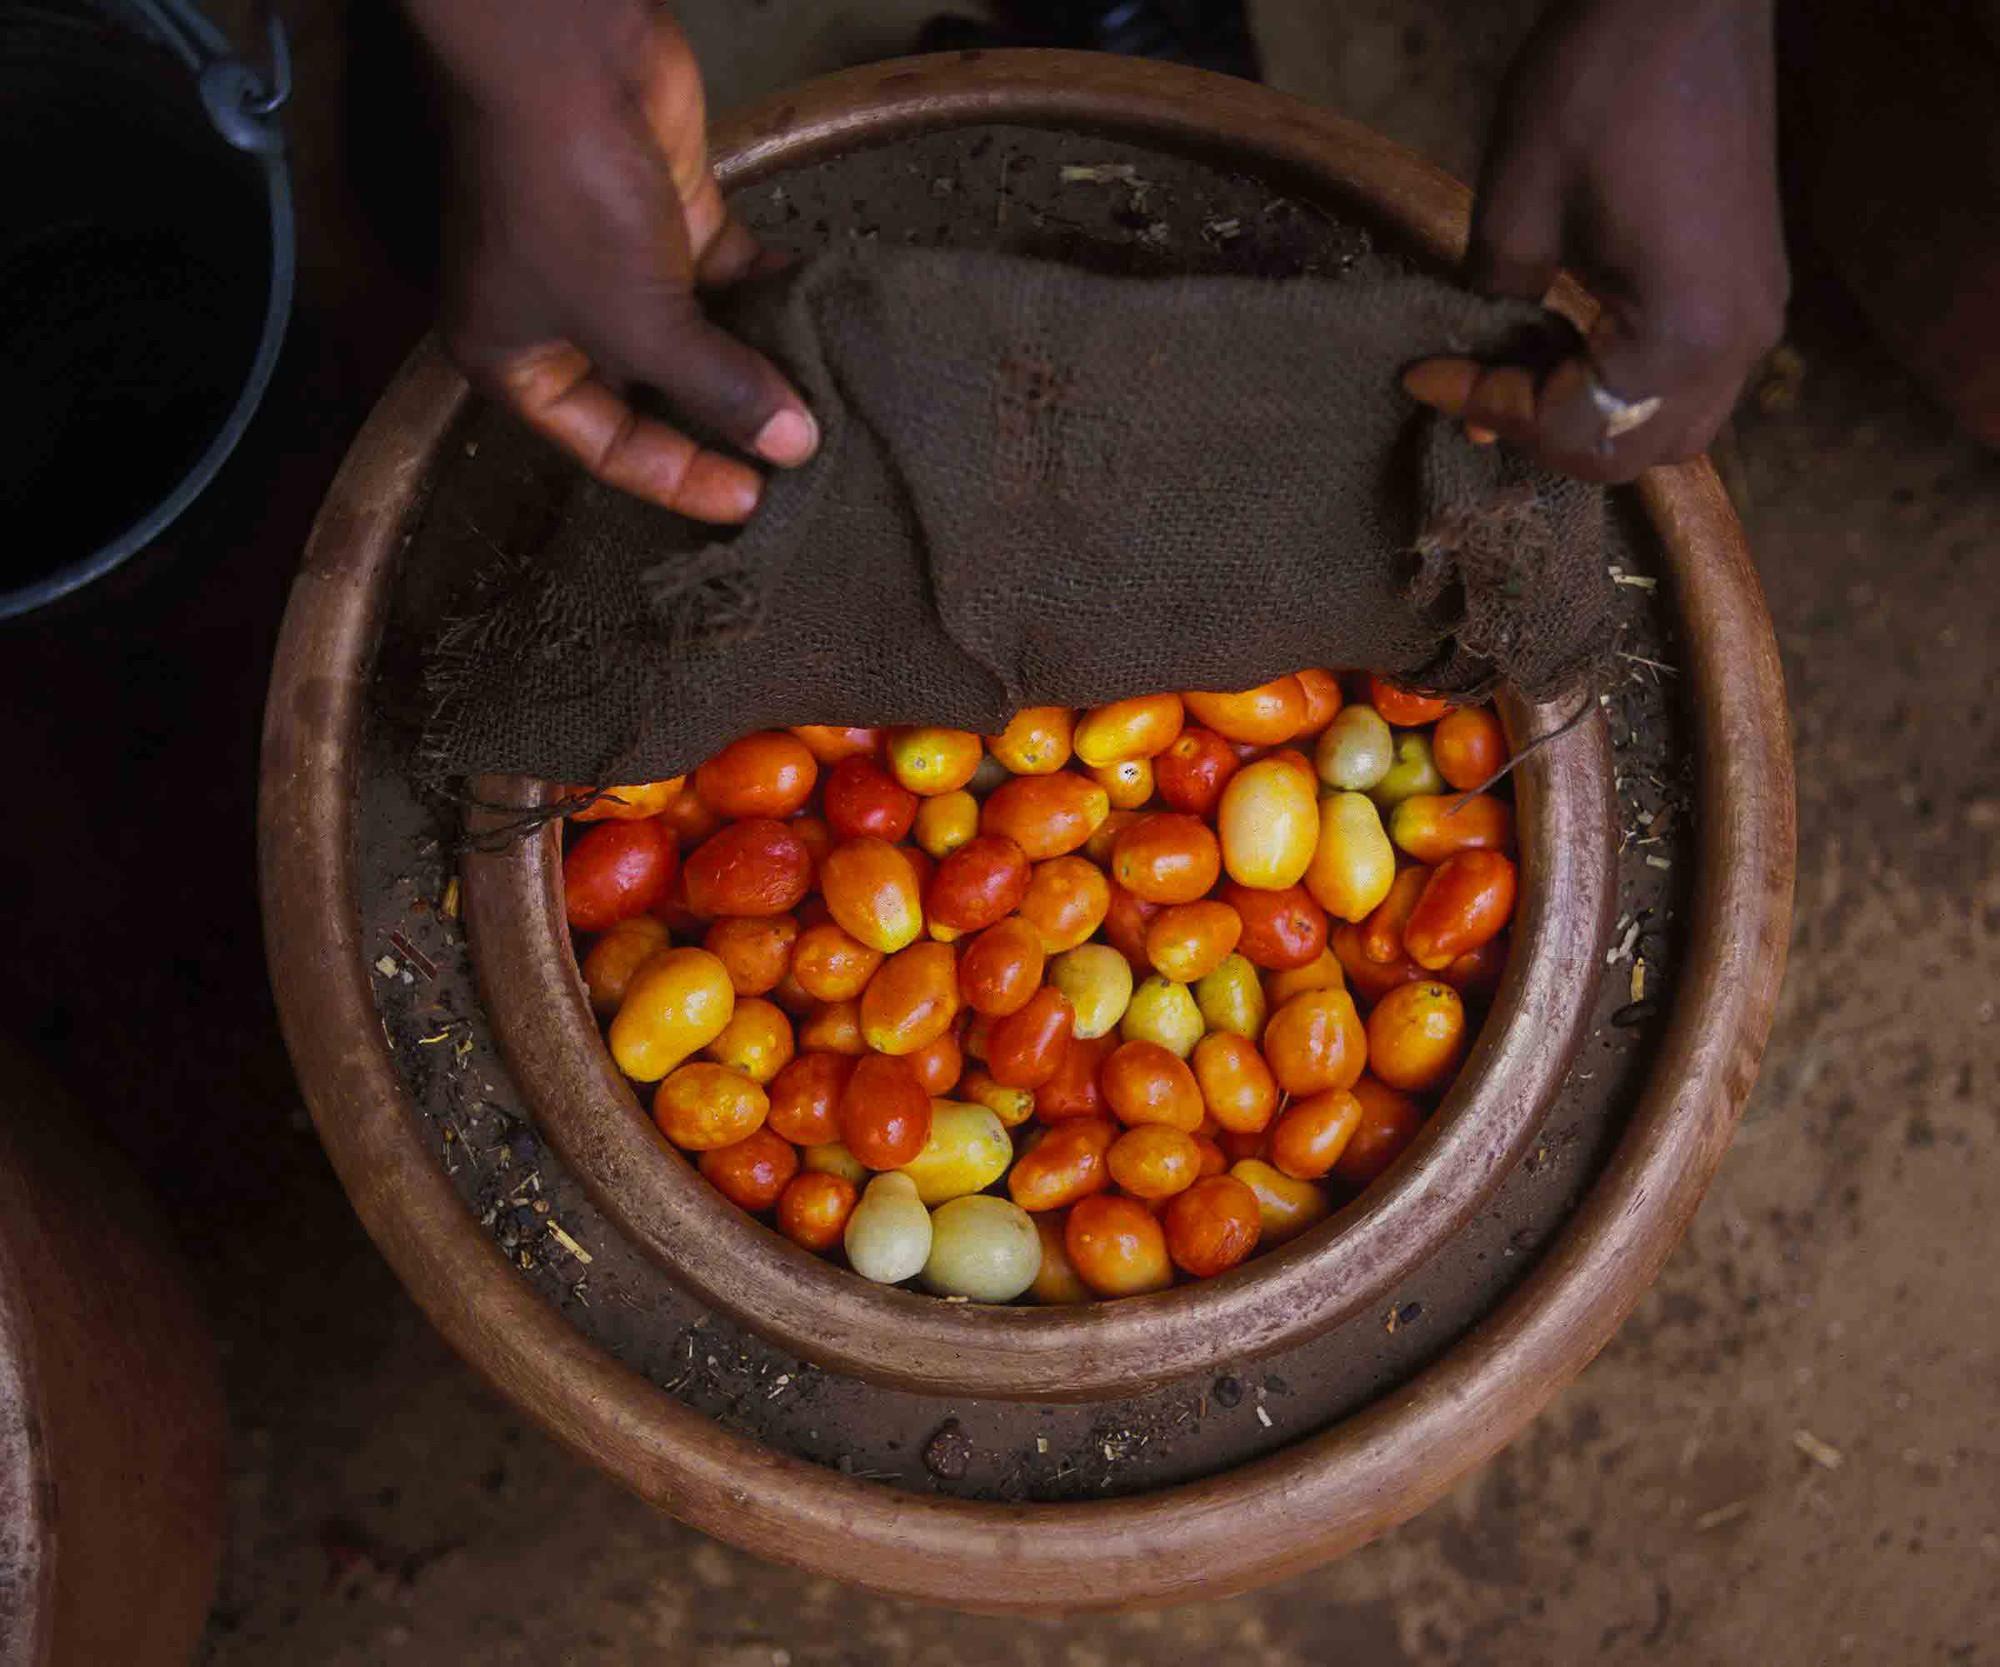 """Chiếc """"tủ lạnh"""" đặc biệt của giáo viên người Nigeria: Không cần cắm điện vẫn giữ thức ăn tươi ngon đến 27 ngày - Ảnh 2."""